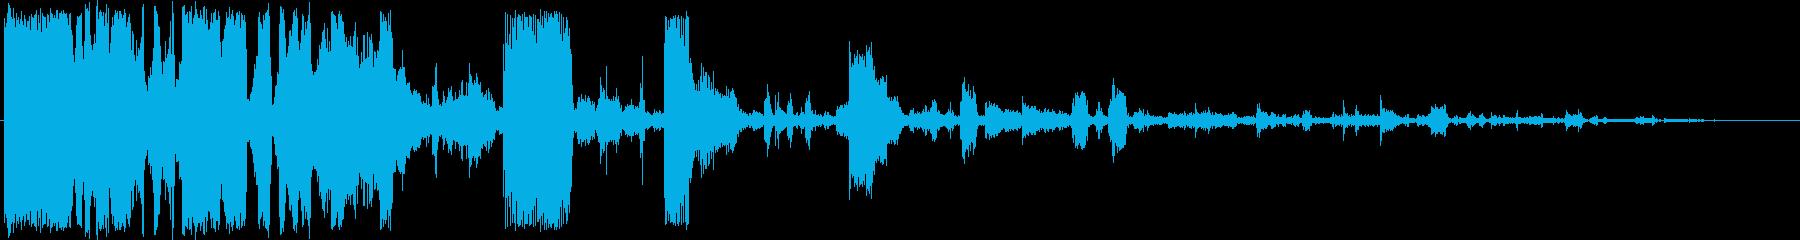 メカニックサウンドロゴの再生済みの波形